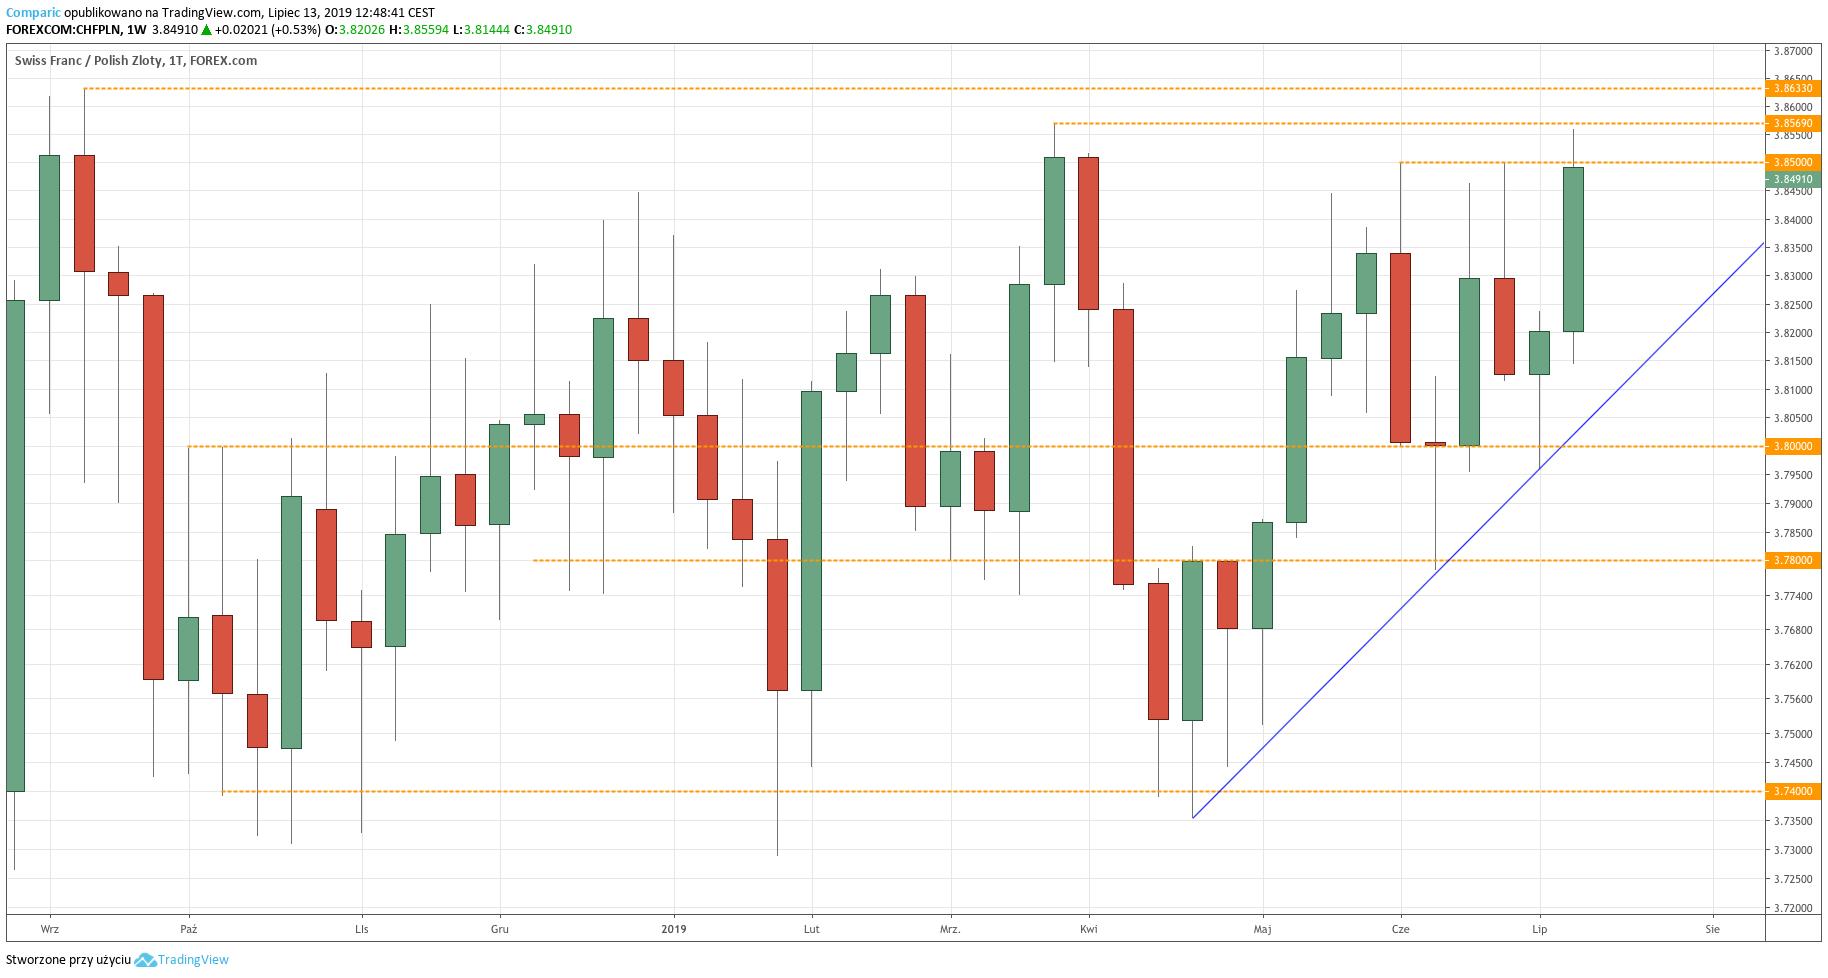 Kurs franka do złotego (CHF/PLN) - wykres tygodniowy - 13 lipca 2019